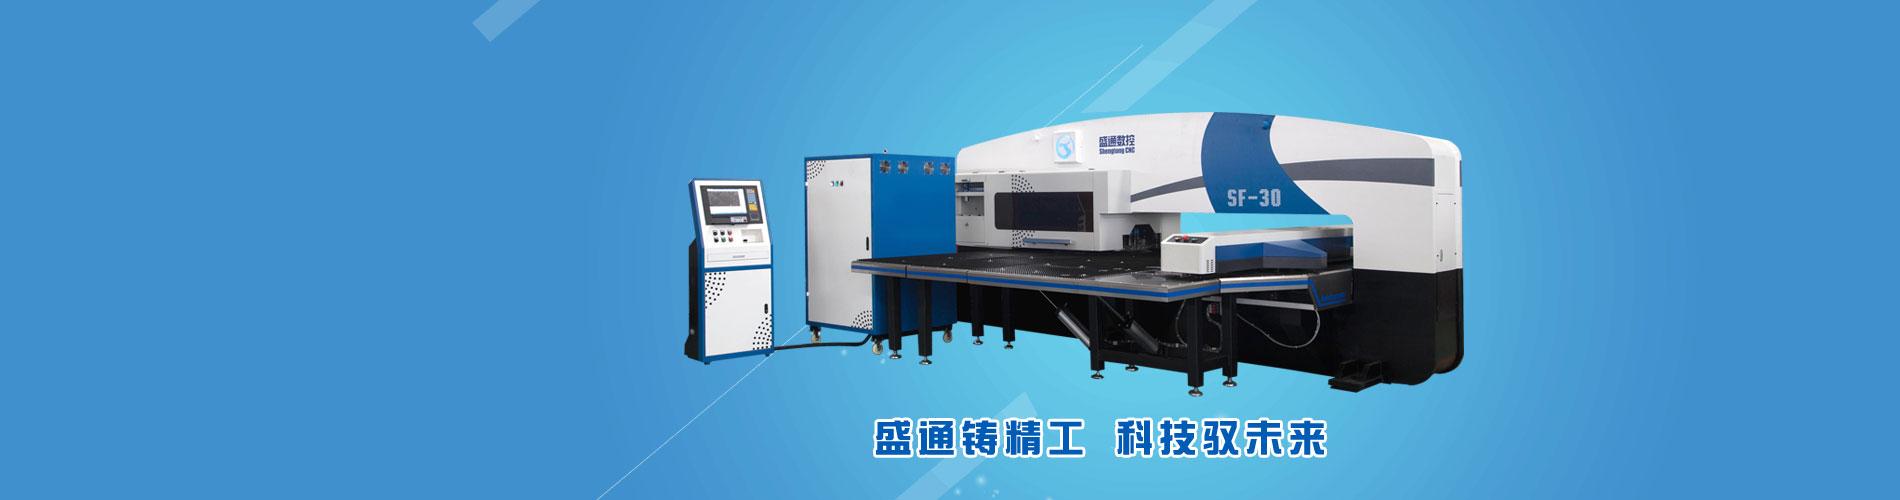 盛通铸精工,科技驭未来